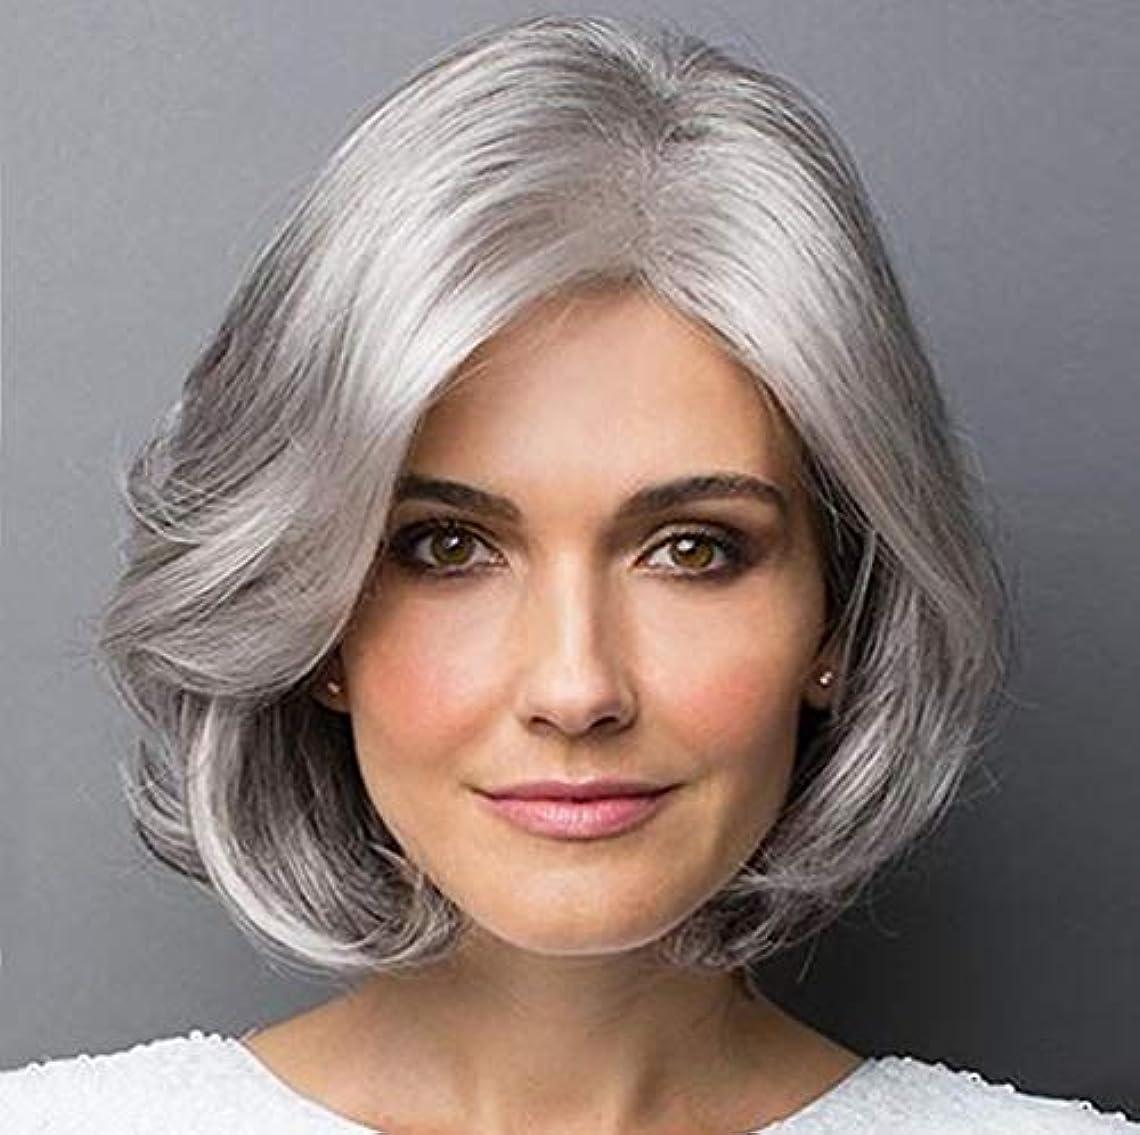 有限判定国女性かつらブラジルおばあちゃんの髪耐熱合成短い絹のようなパーティーヘアウィッグライトグレー35 cm